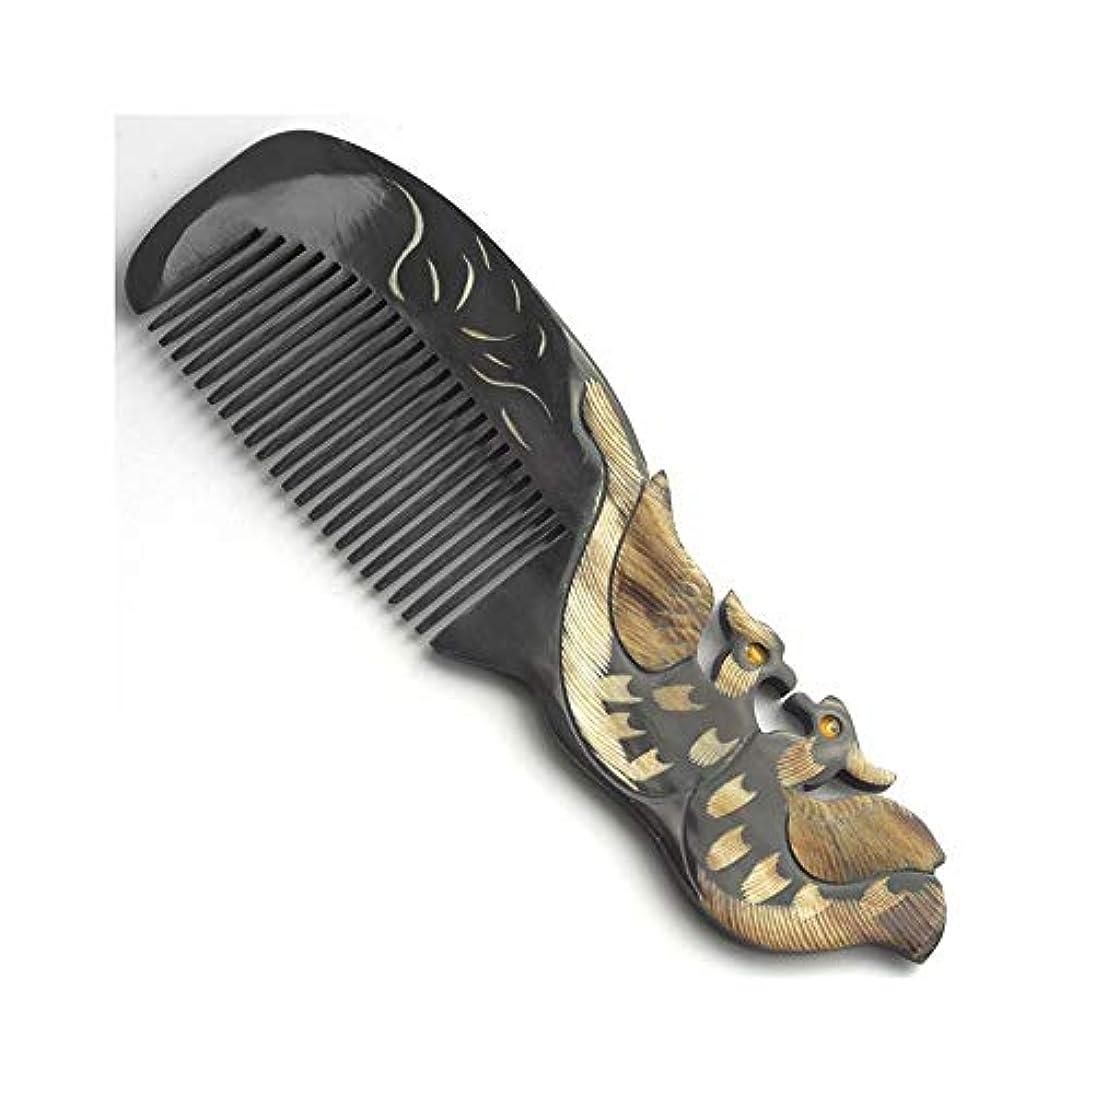 プレミアム記念日キャプチャーKEYI 黒い髪の櫛静的な木製の細かい歯の櫛-女性と男性の櫛のための自然な水牛の角の櫛 (色 : 427)